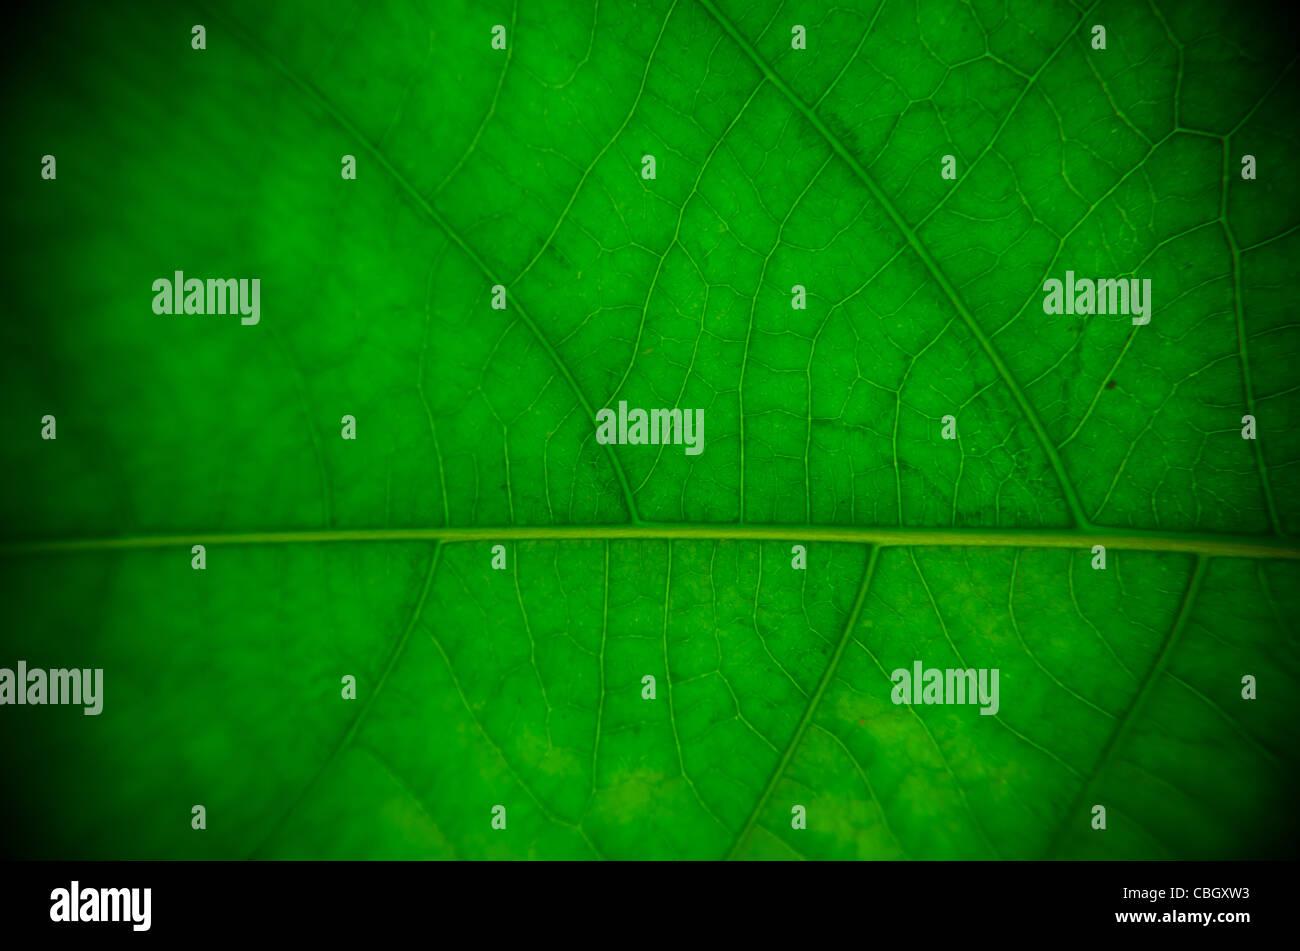 Detaillierte Nahaufnahme von grünen Blatt. Ideal für einen Hintergrund oder Textur. Stockbild